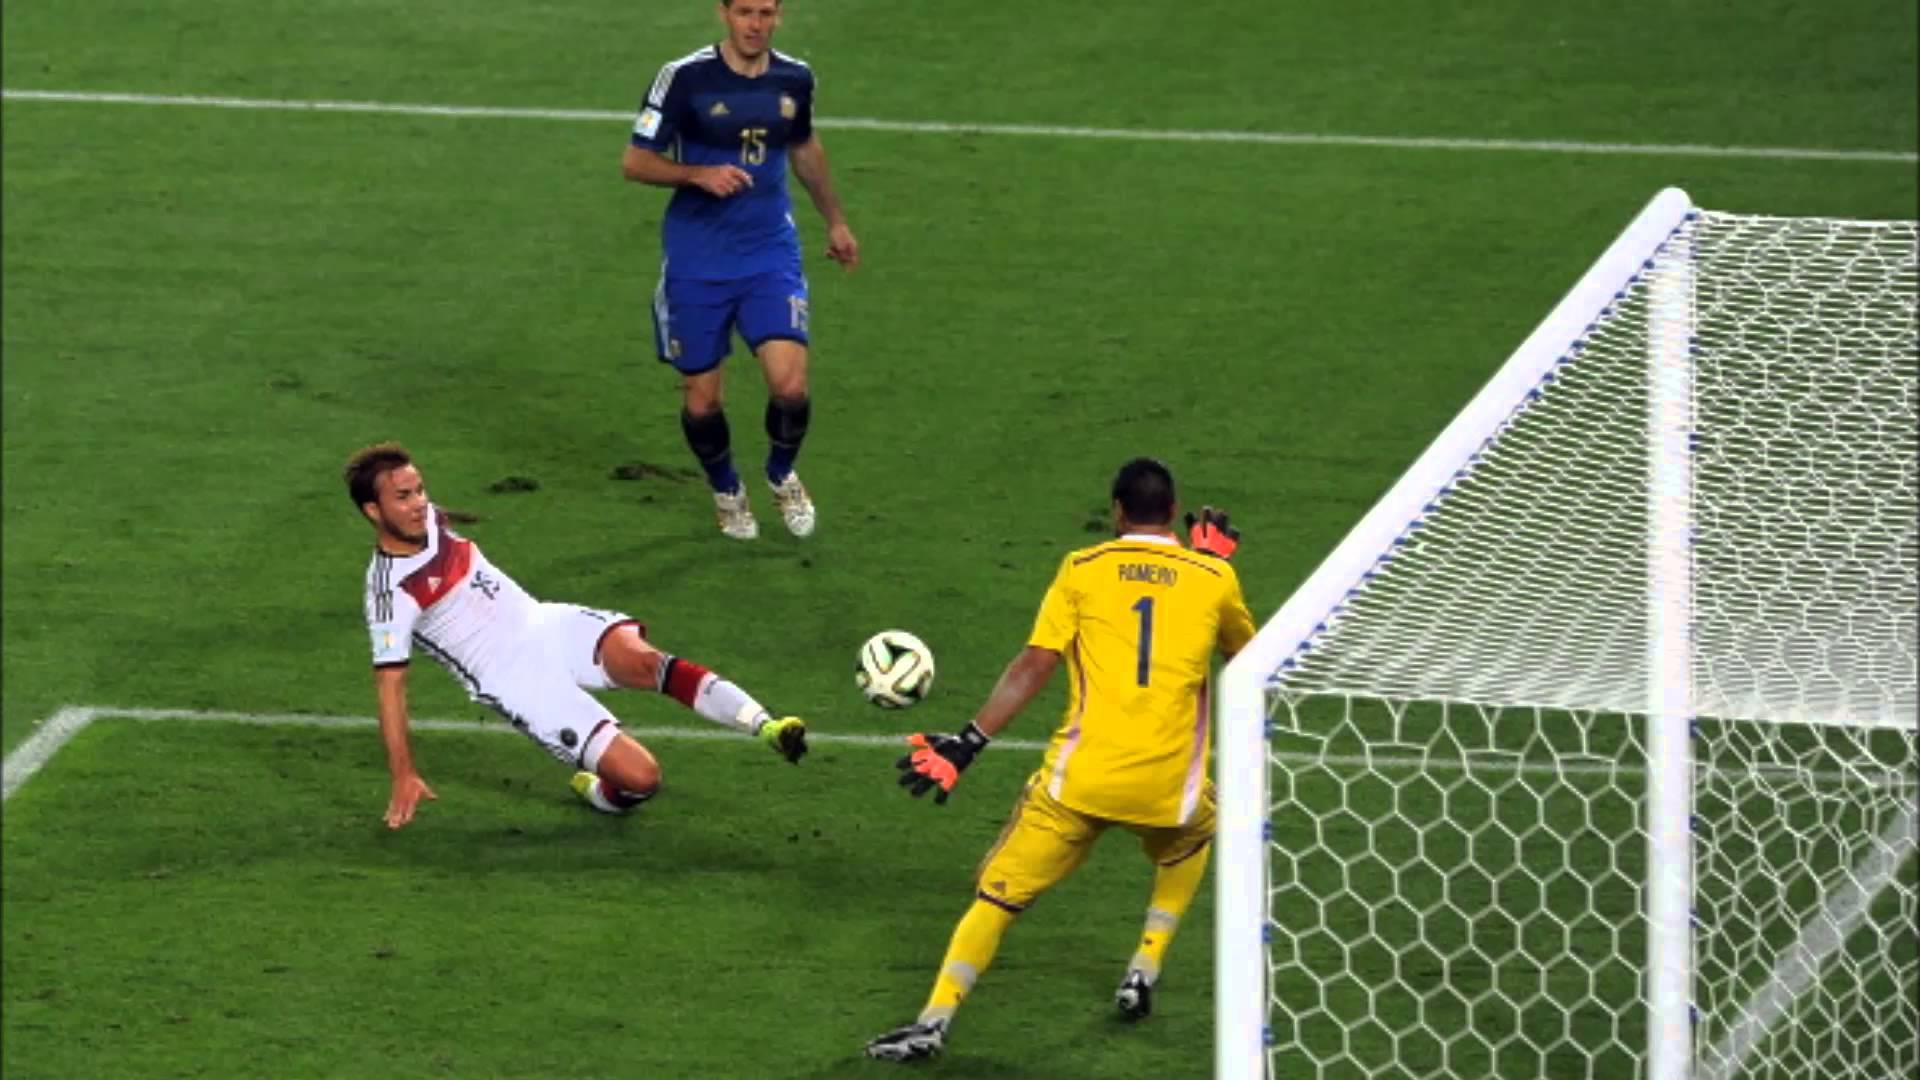 CHÍNH THỨC: Đội hình tuyển Đức tham dự World Cup 2018 tại Nga - Bóng Đá